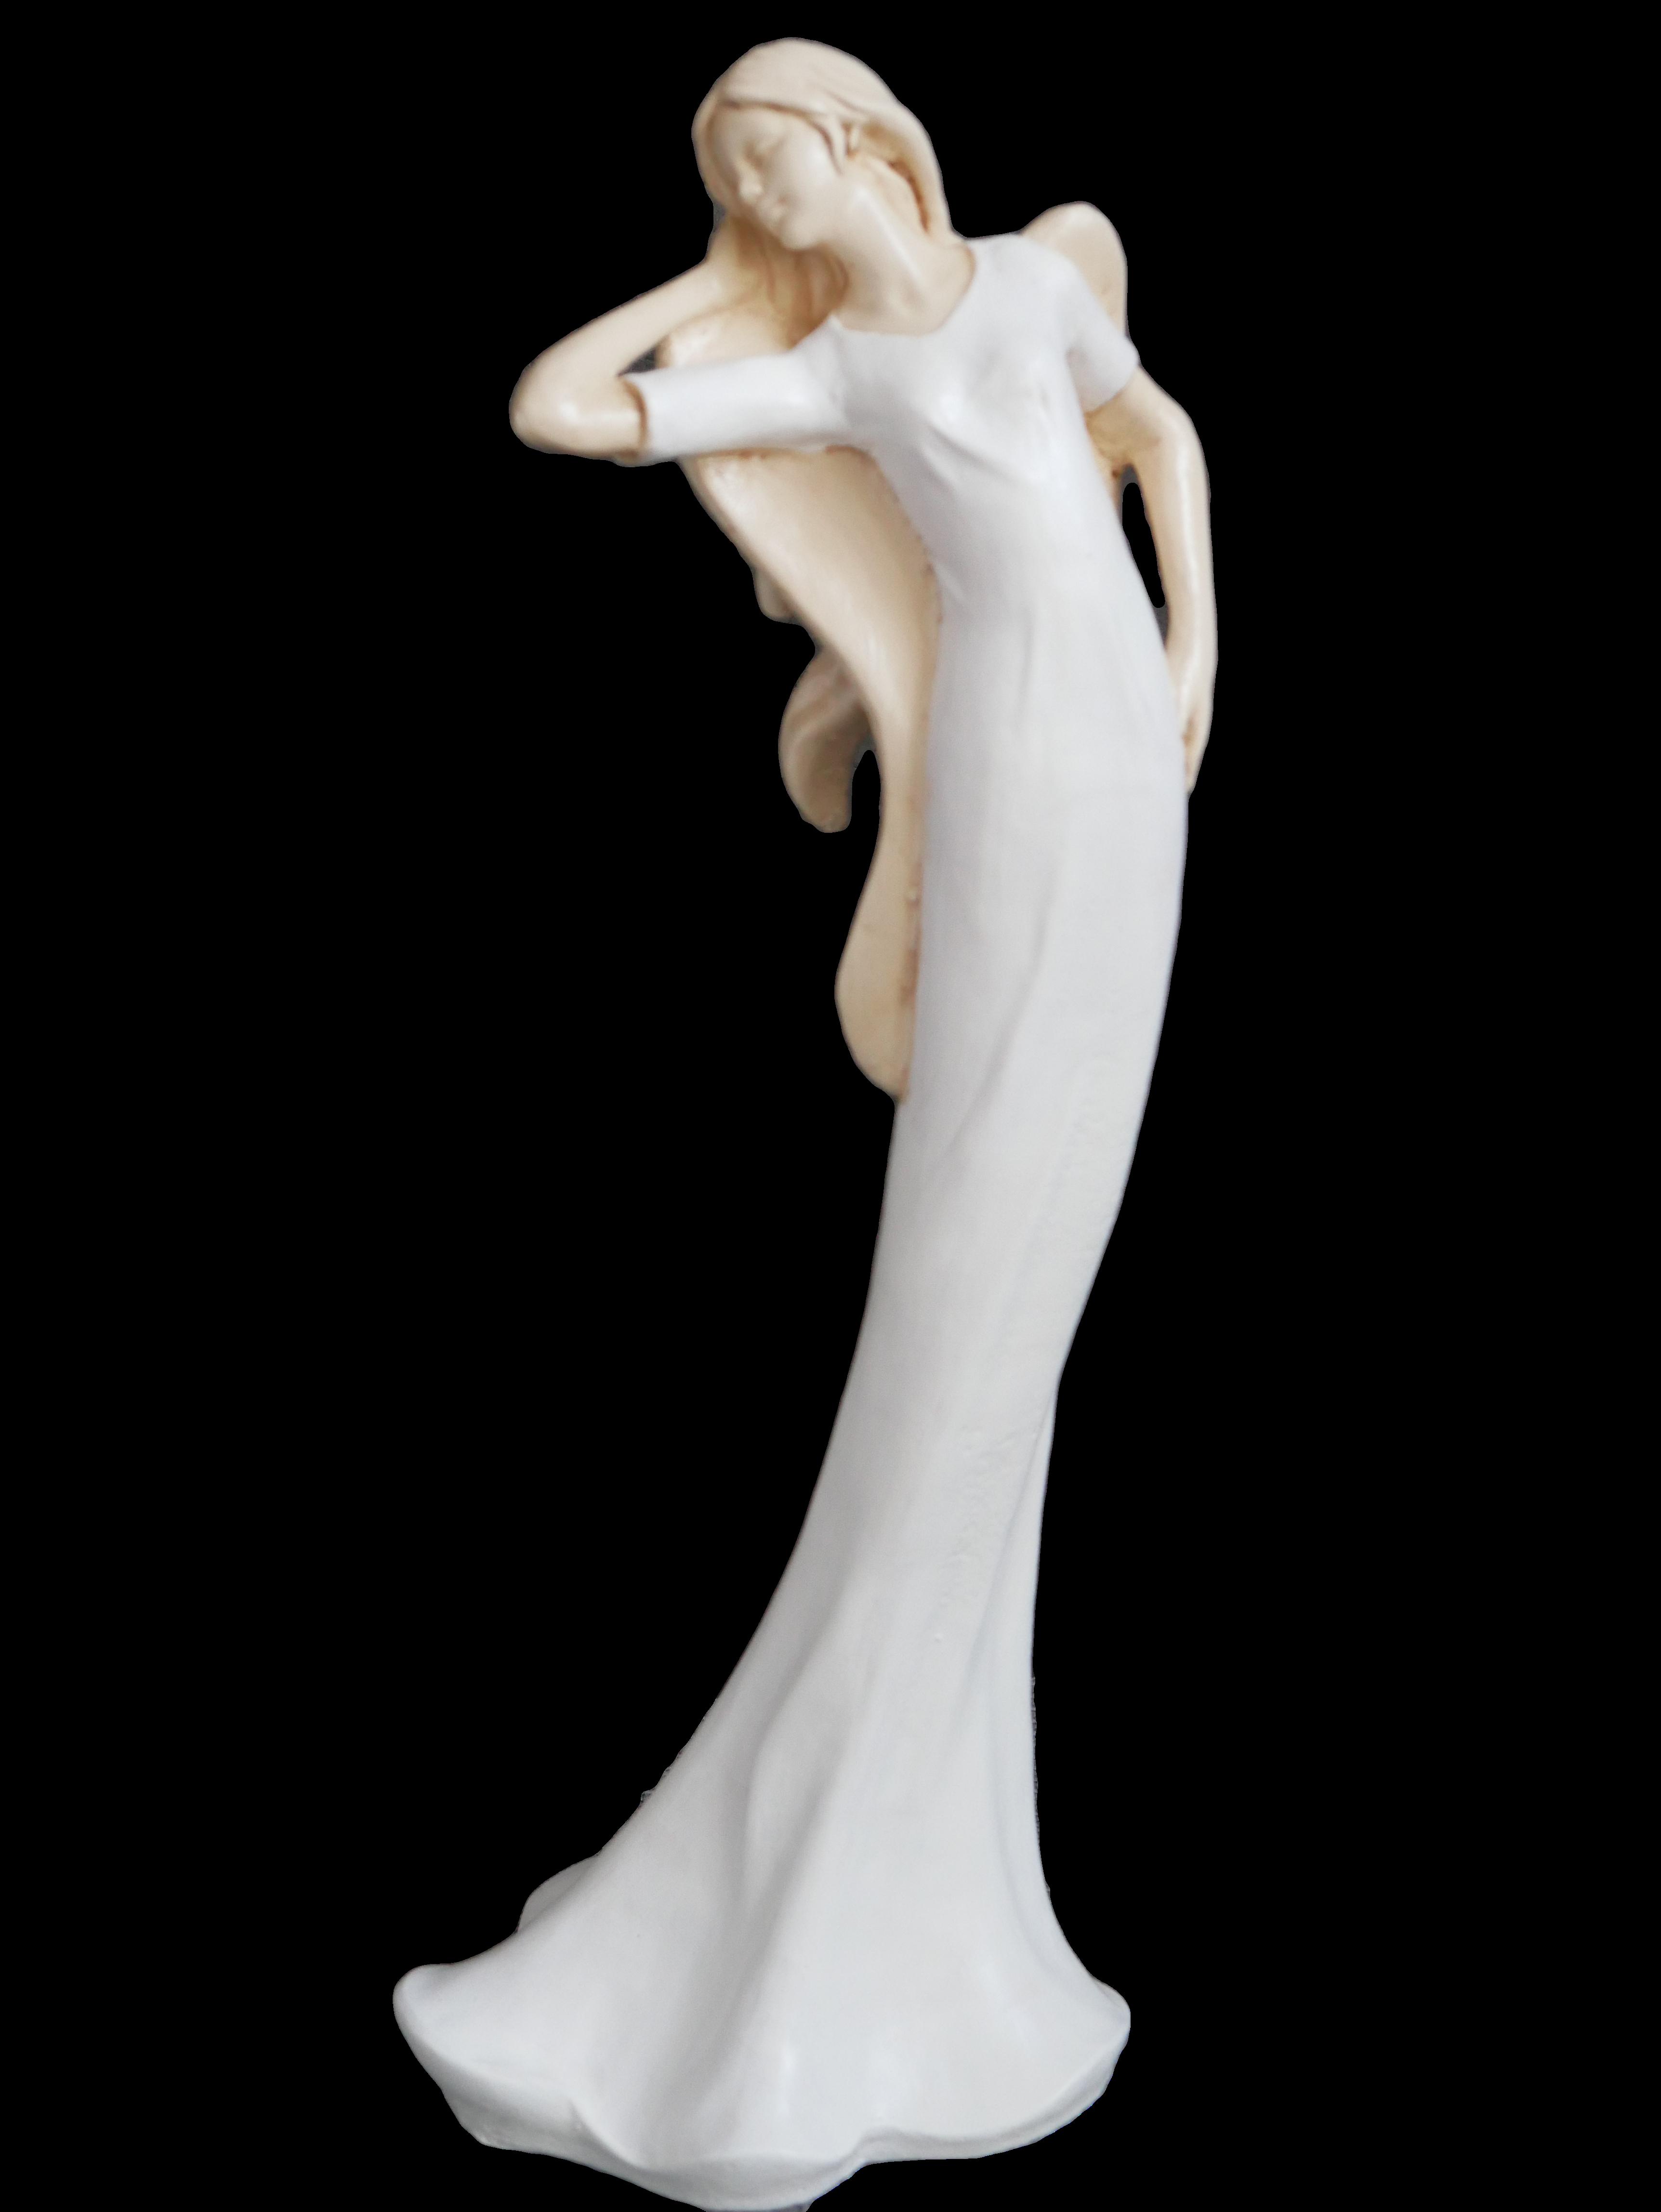 anioł somina6a